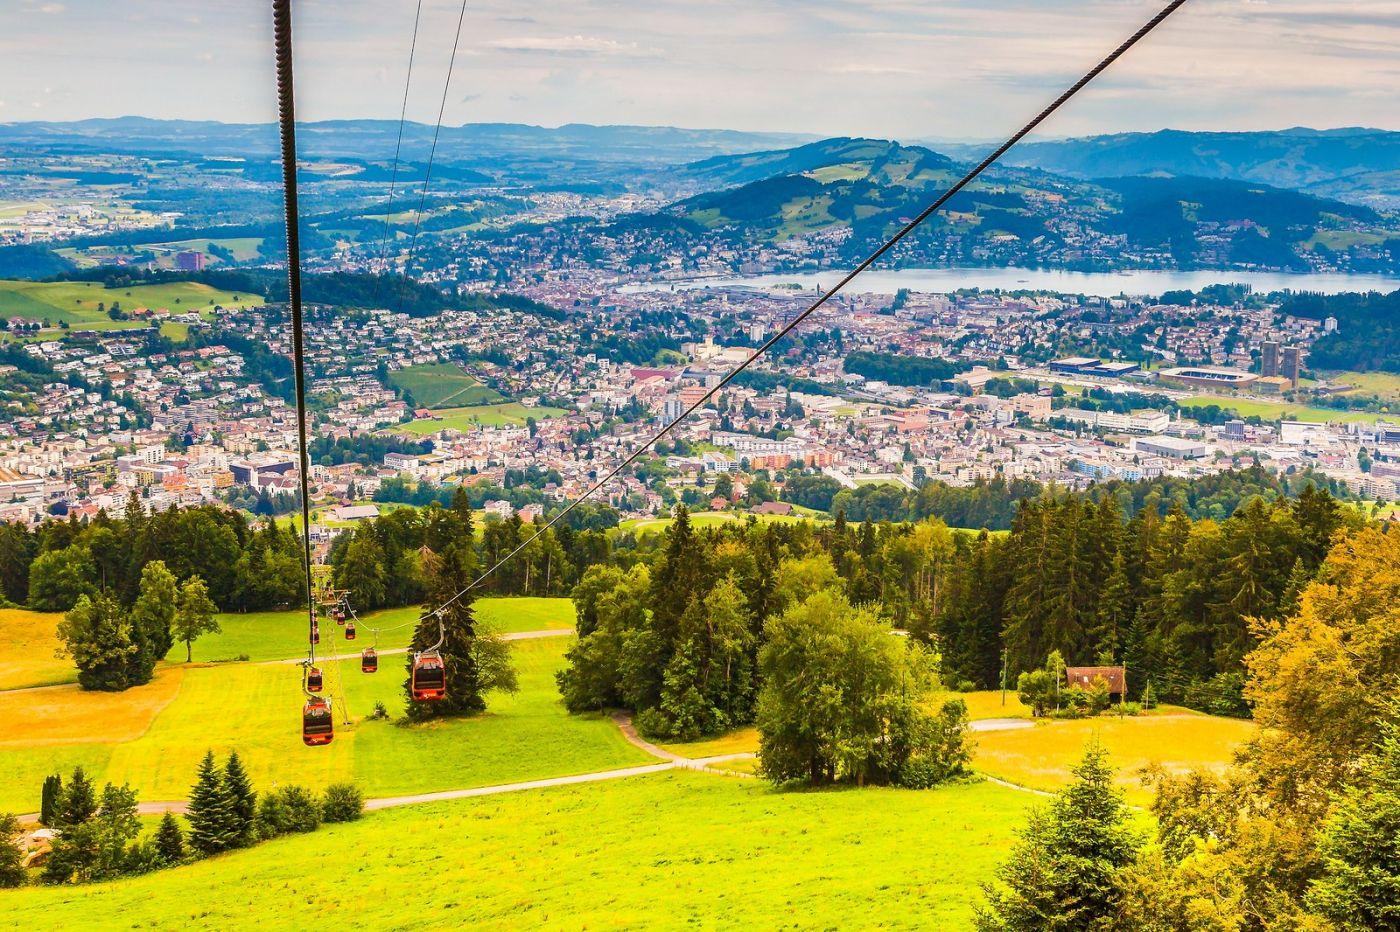 瑞士卢塞恩(Lucerne),坐缆车看风景_图1-32